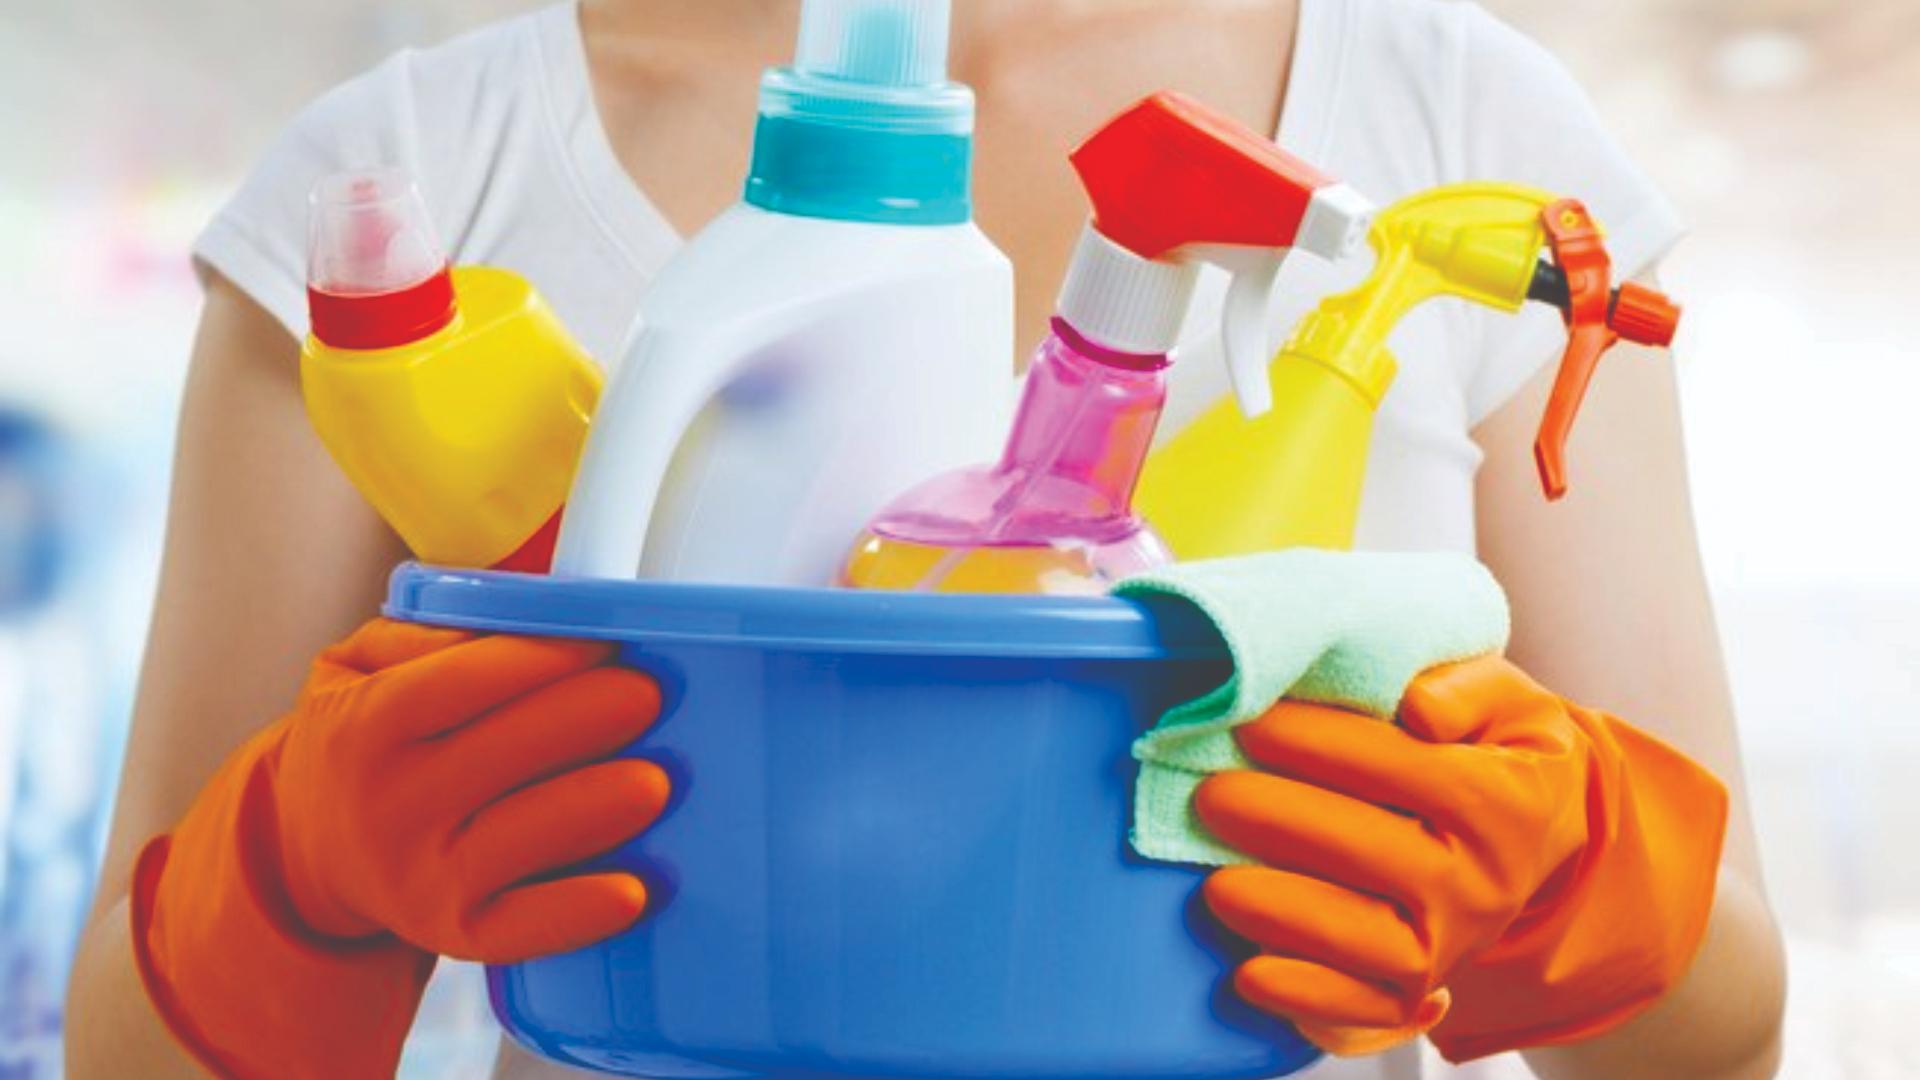 Descubra si la relación laboral con su trabajadora del hogar ha llegado a su límite